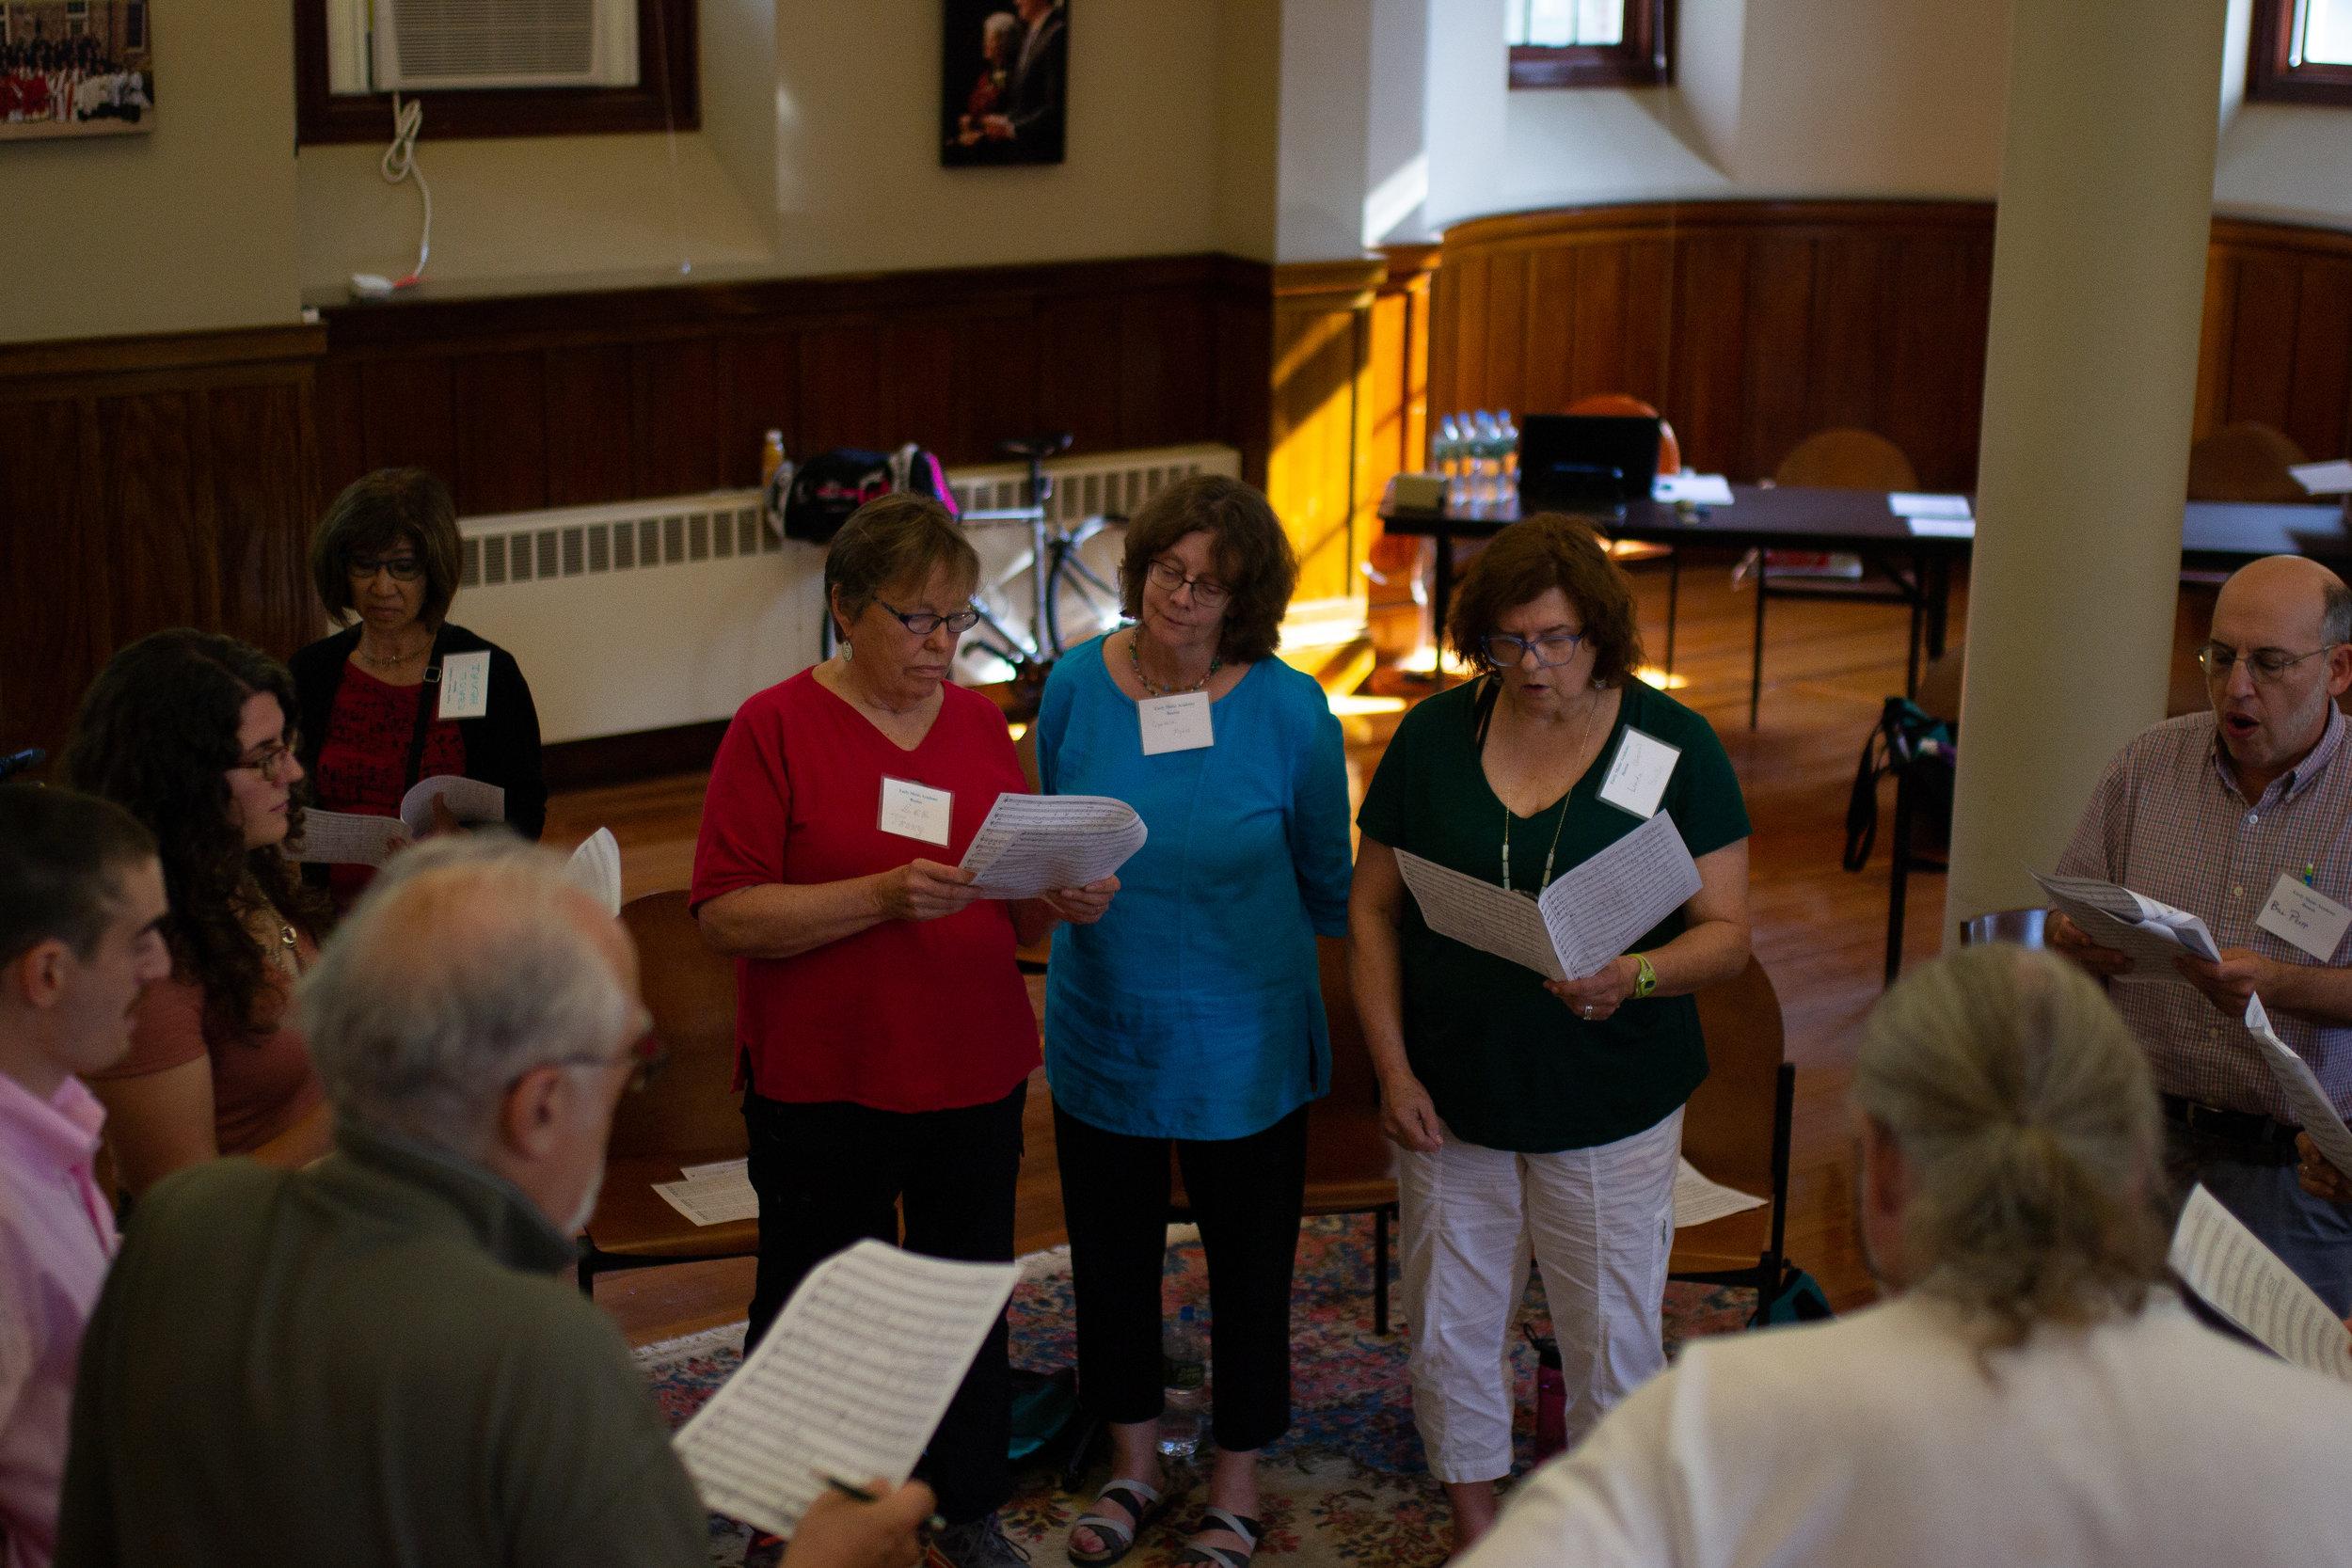 Small group rehearsal Beville Strauss et al.jpg